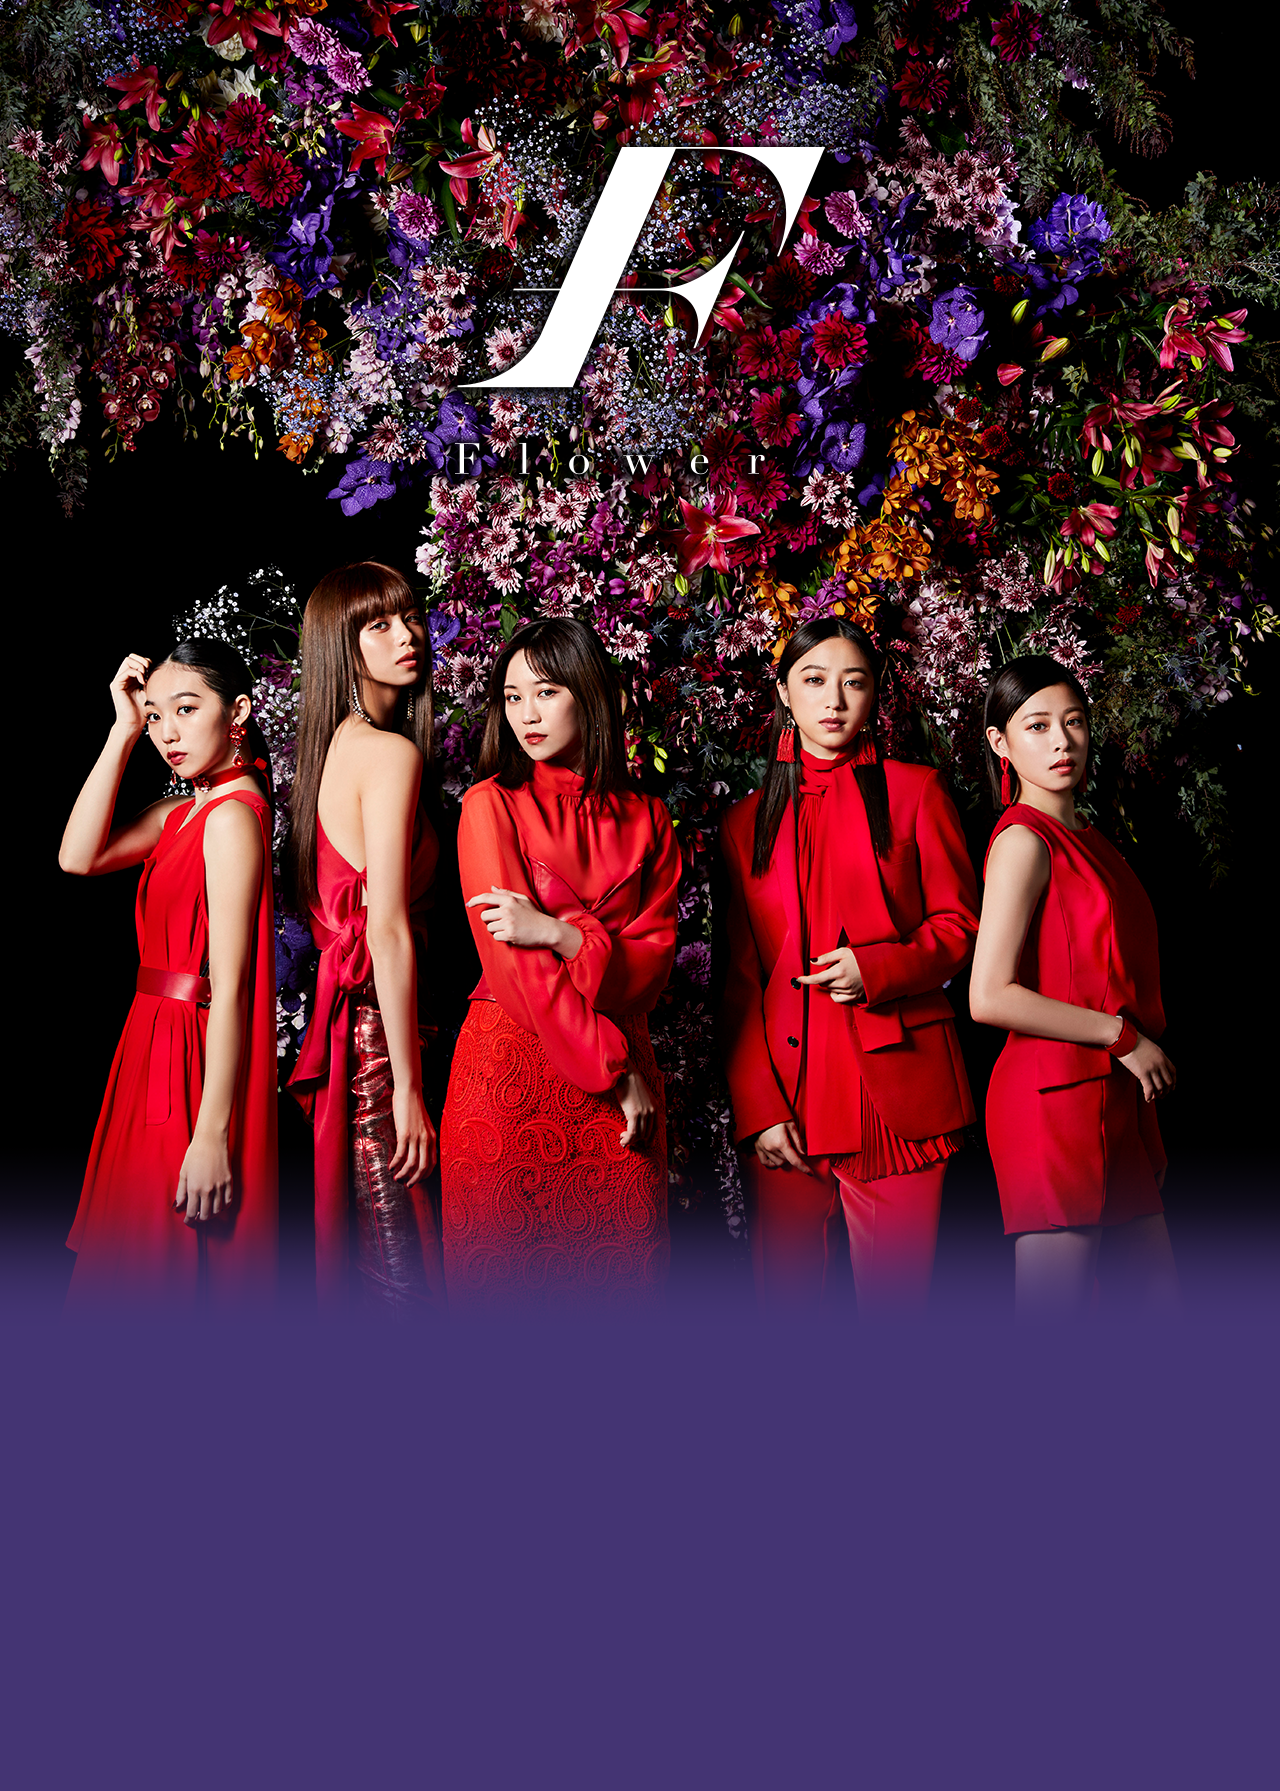 Flower E G Family Mobile